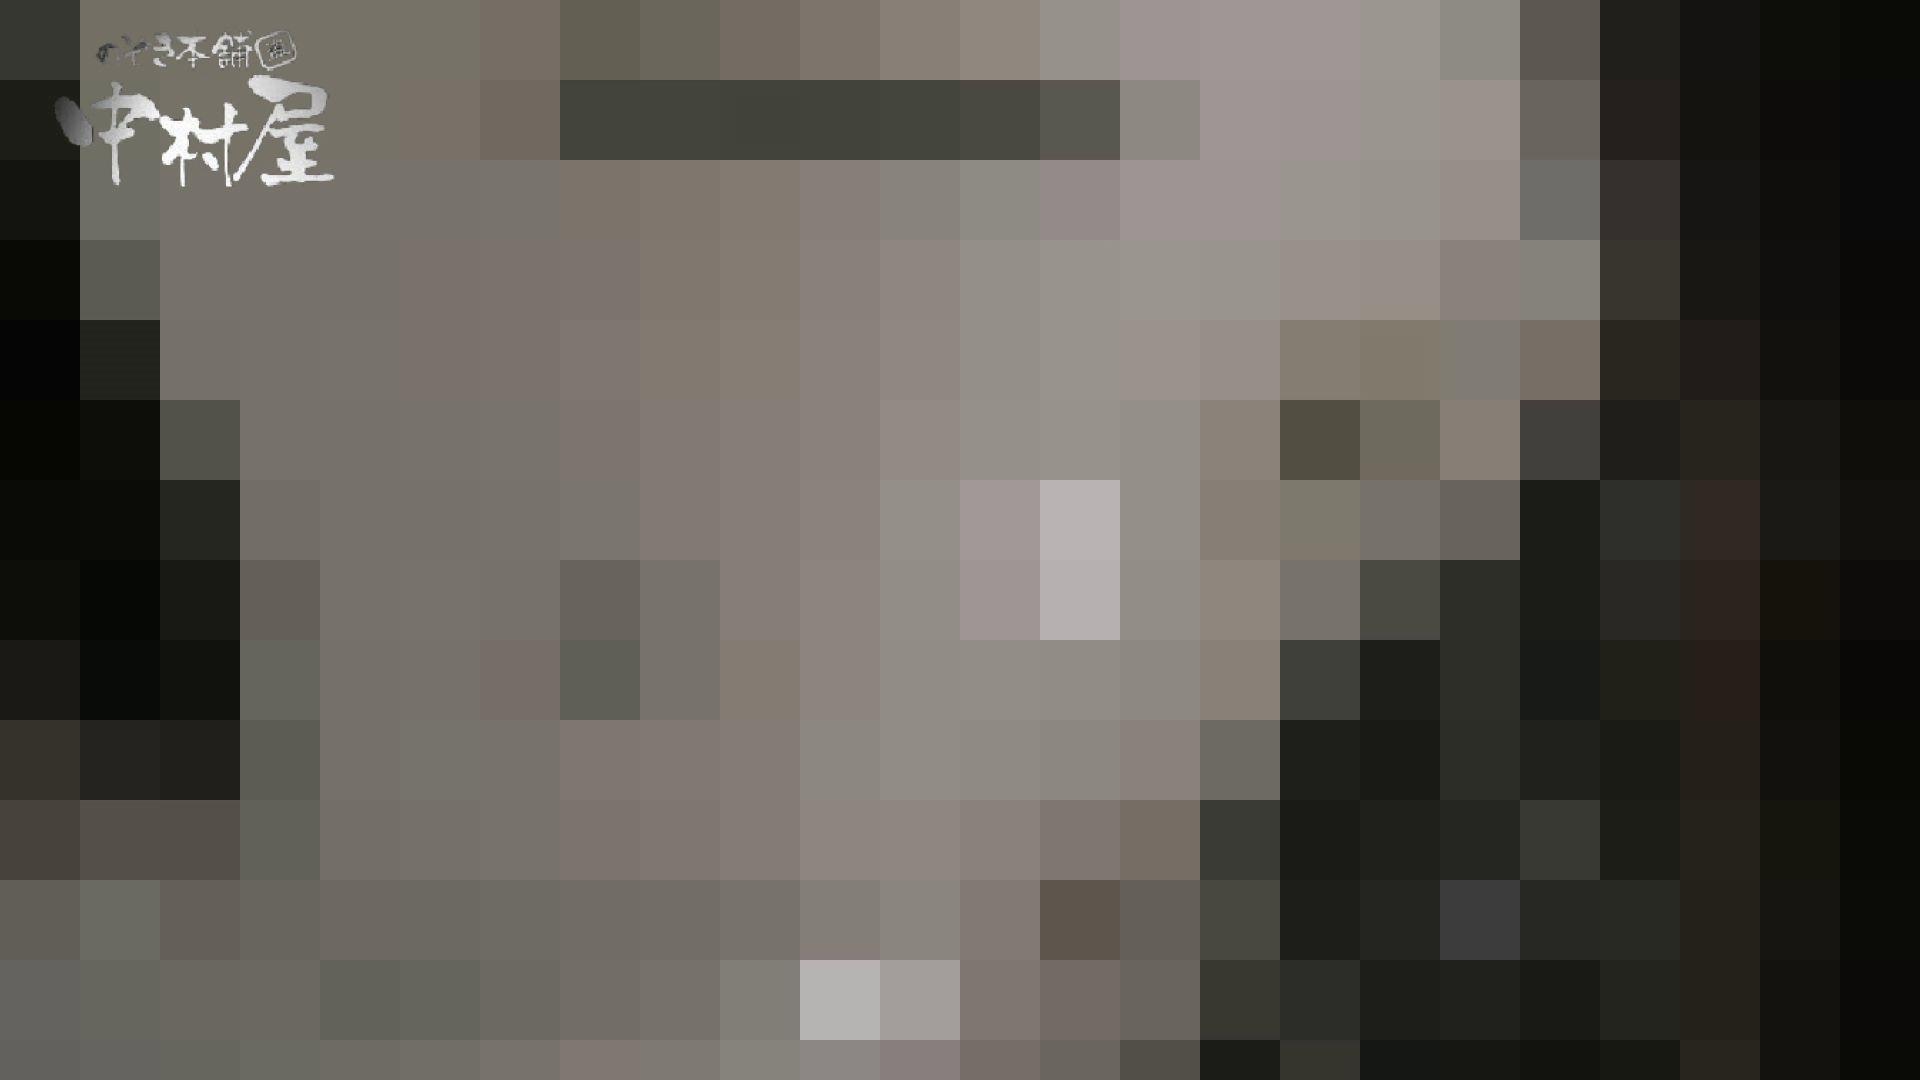 【世界の射窓から】世界の射窓から vol.18後編 0 | 0  88pic 87